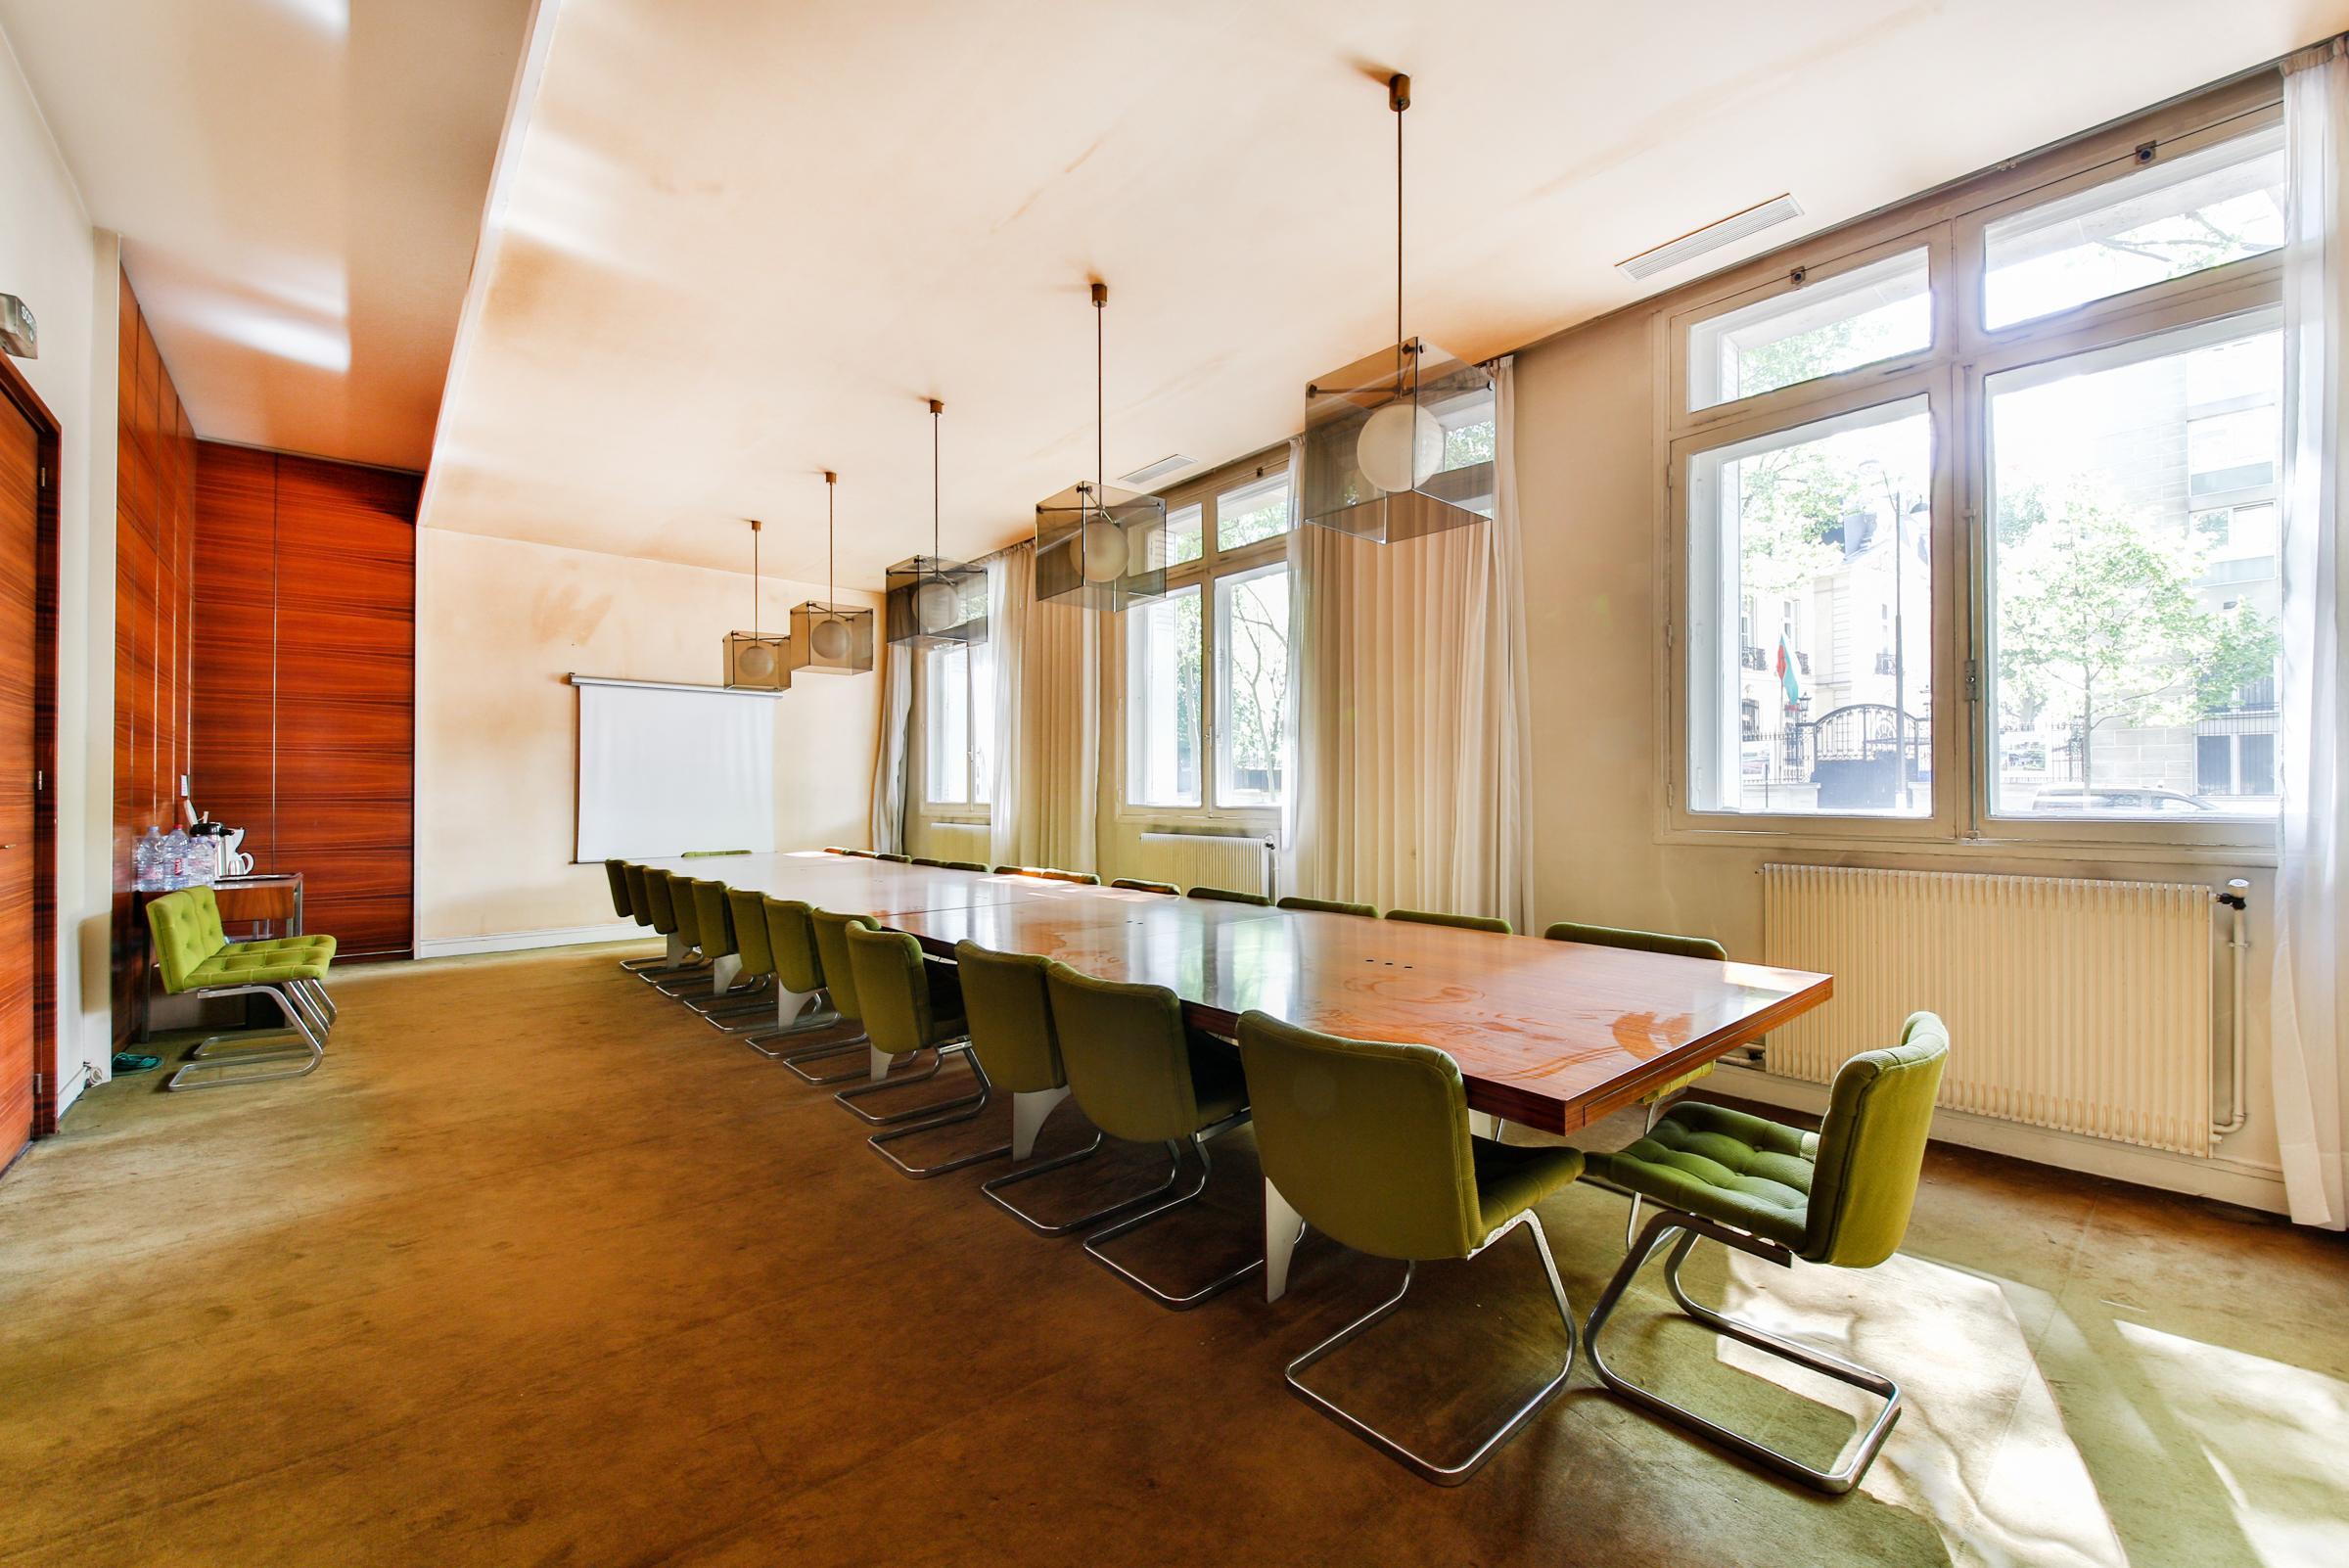 Căn hộ vì Bán tại Apartment - Alma Paris, Paris 75007 Pháp